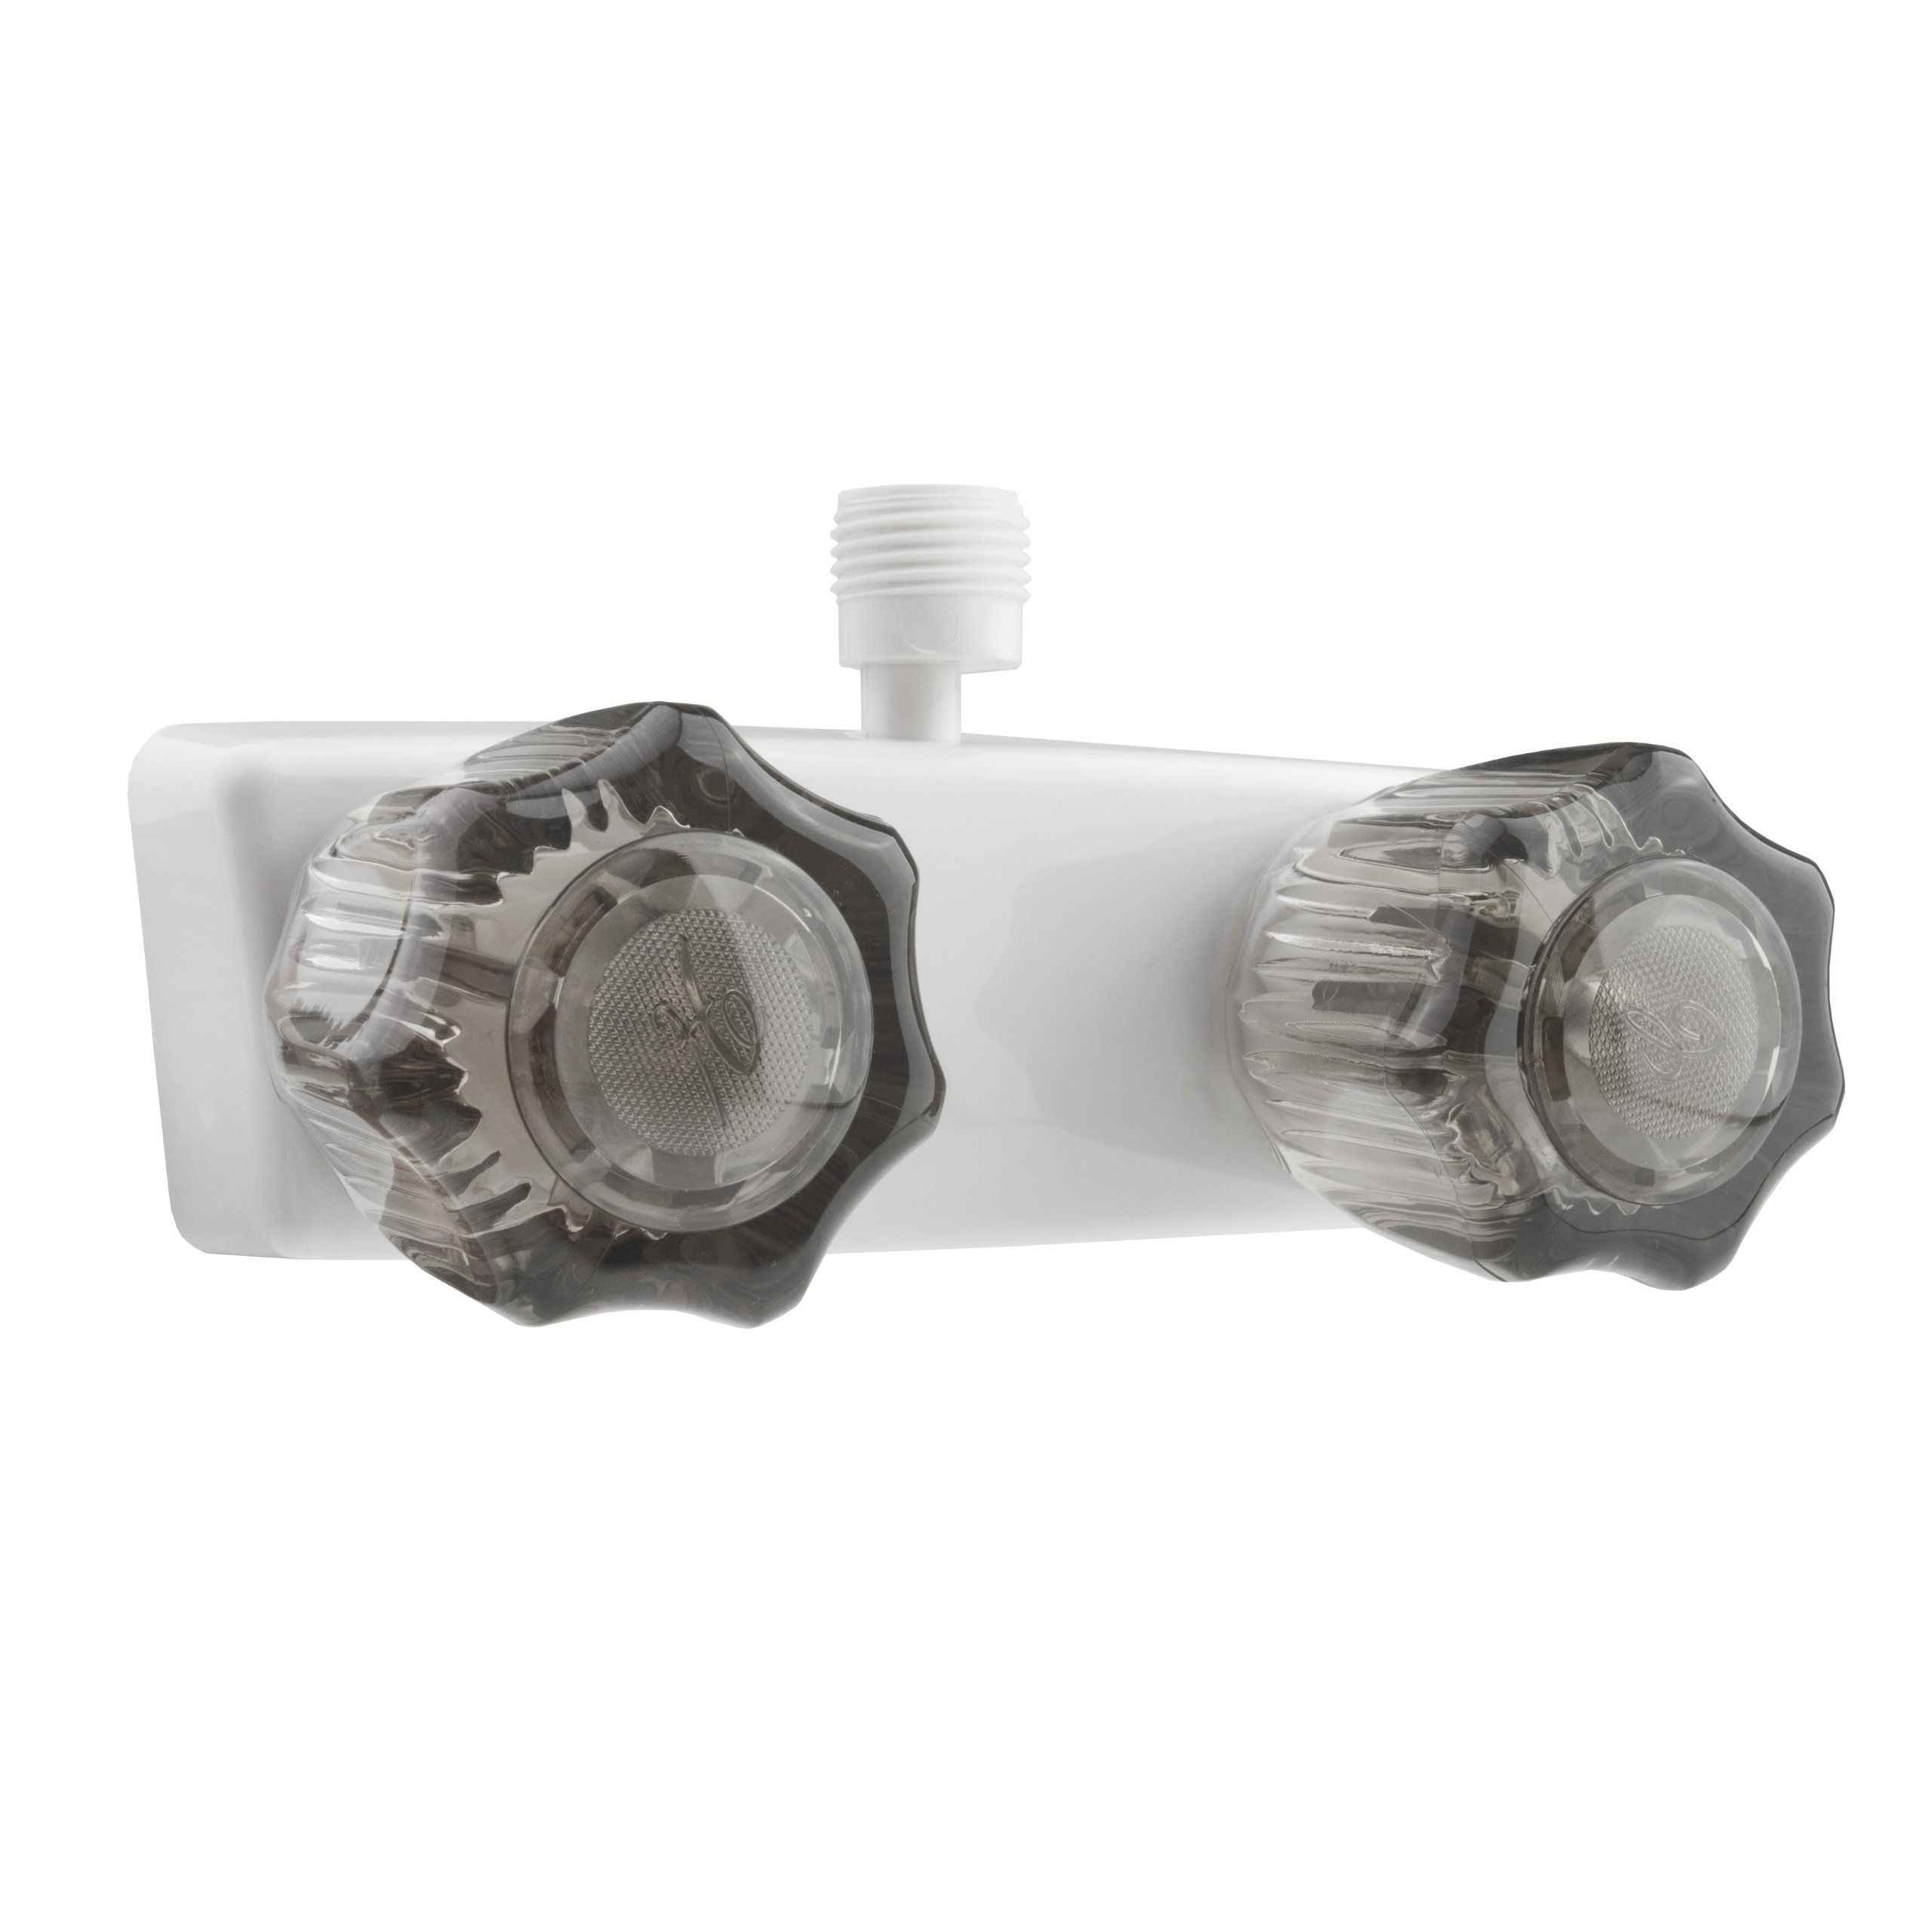 Dura Faucet (DF-SA100S-WT) White RV Shower Faucet Valve Diverter ...